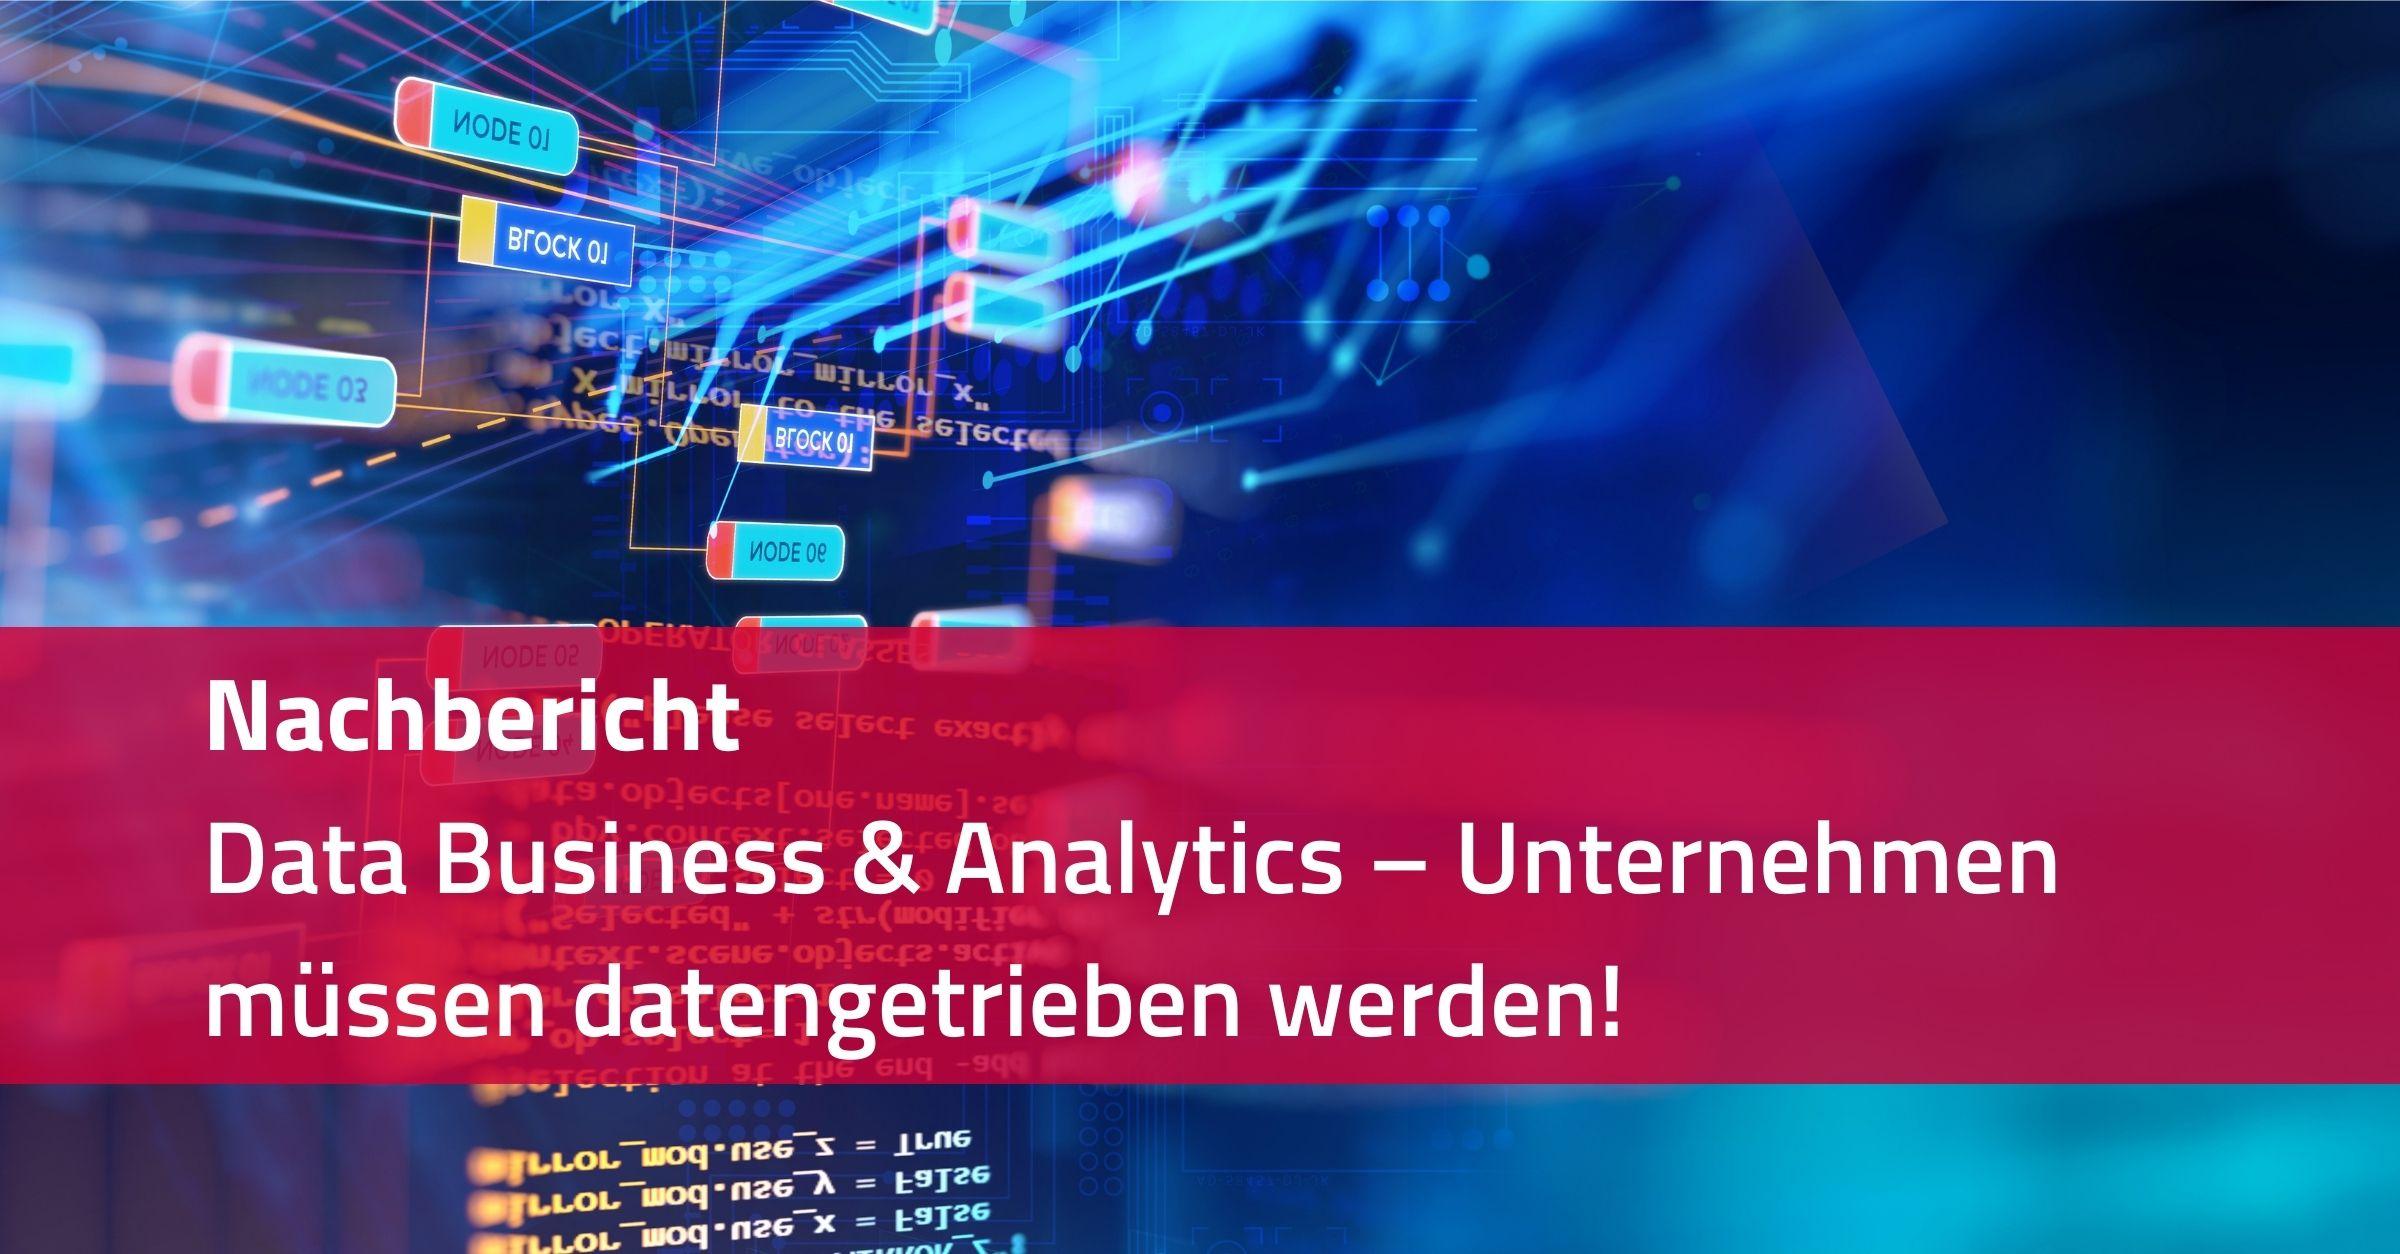 Data Business & Analytics – Unternehmen müssen datengetrieben werden!